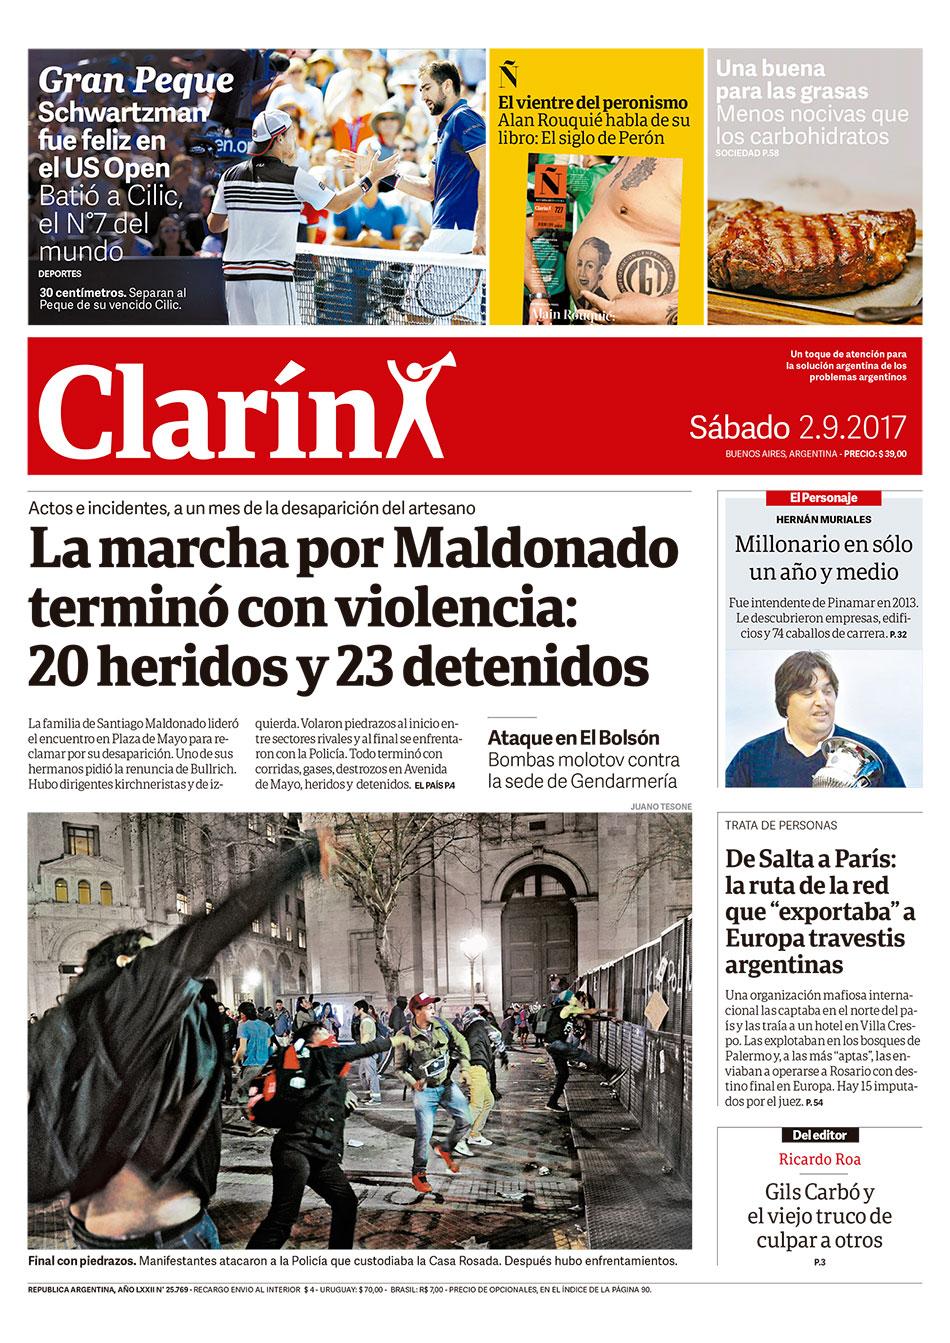 clarin_2.jpg